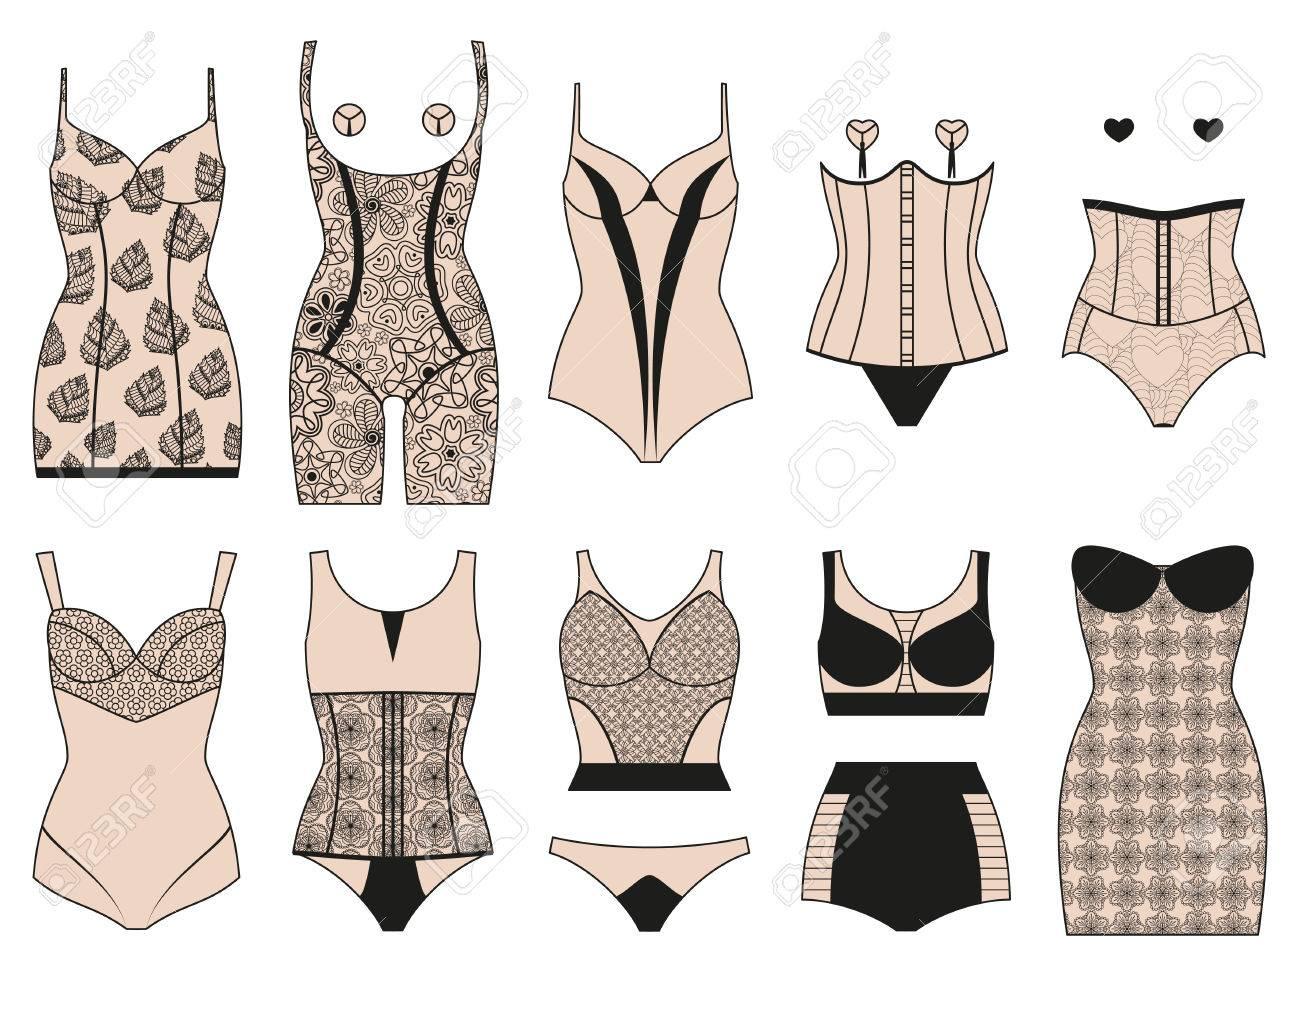 venta caliente online b7695 117c0 Conjunto de lencería correctiva. ropa interior femenina de encaje.  Ilustración del vector.